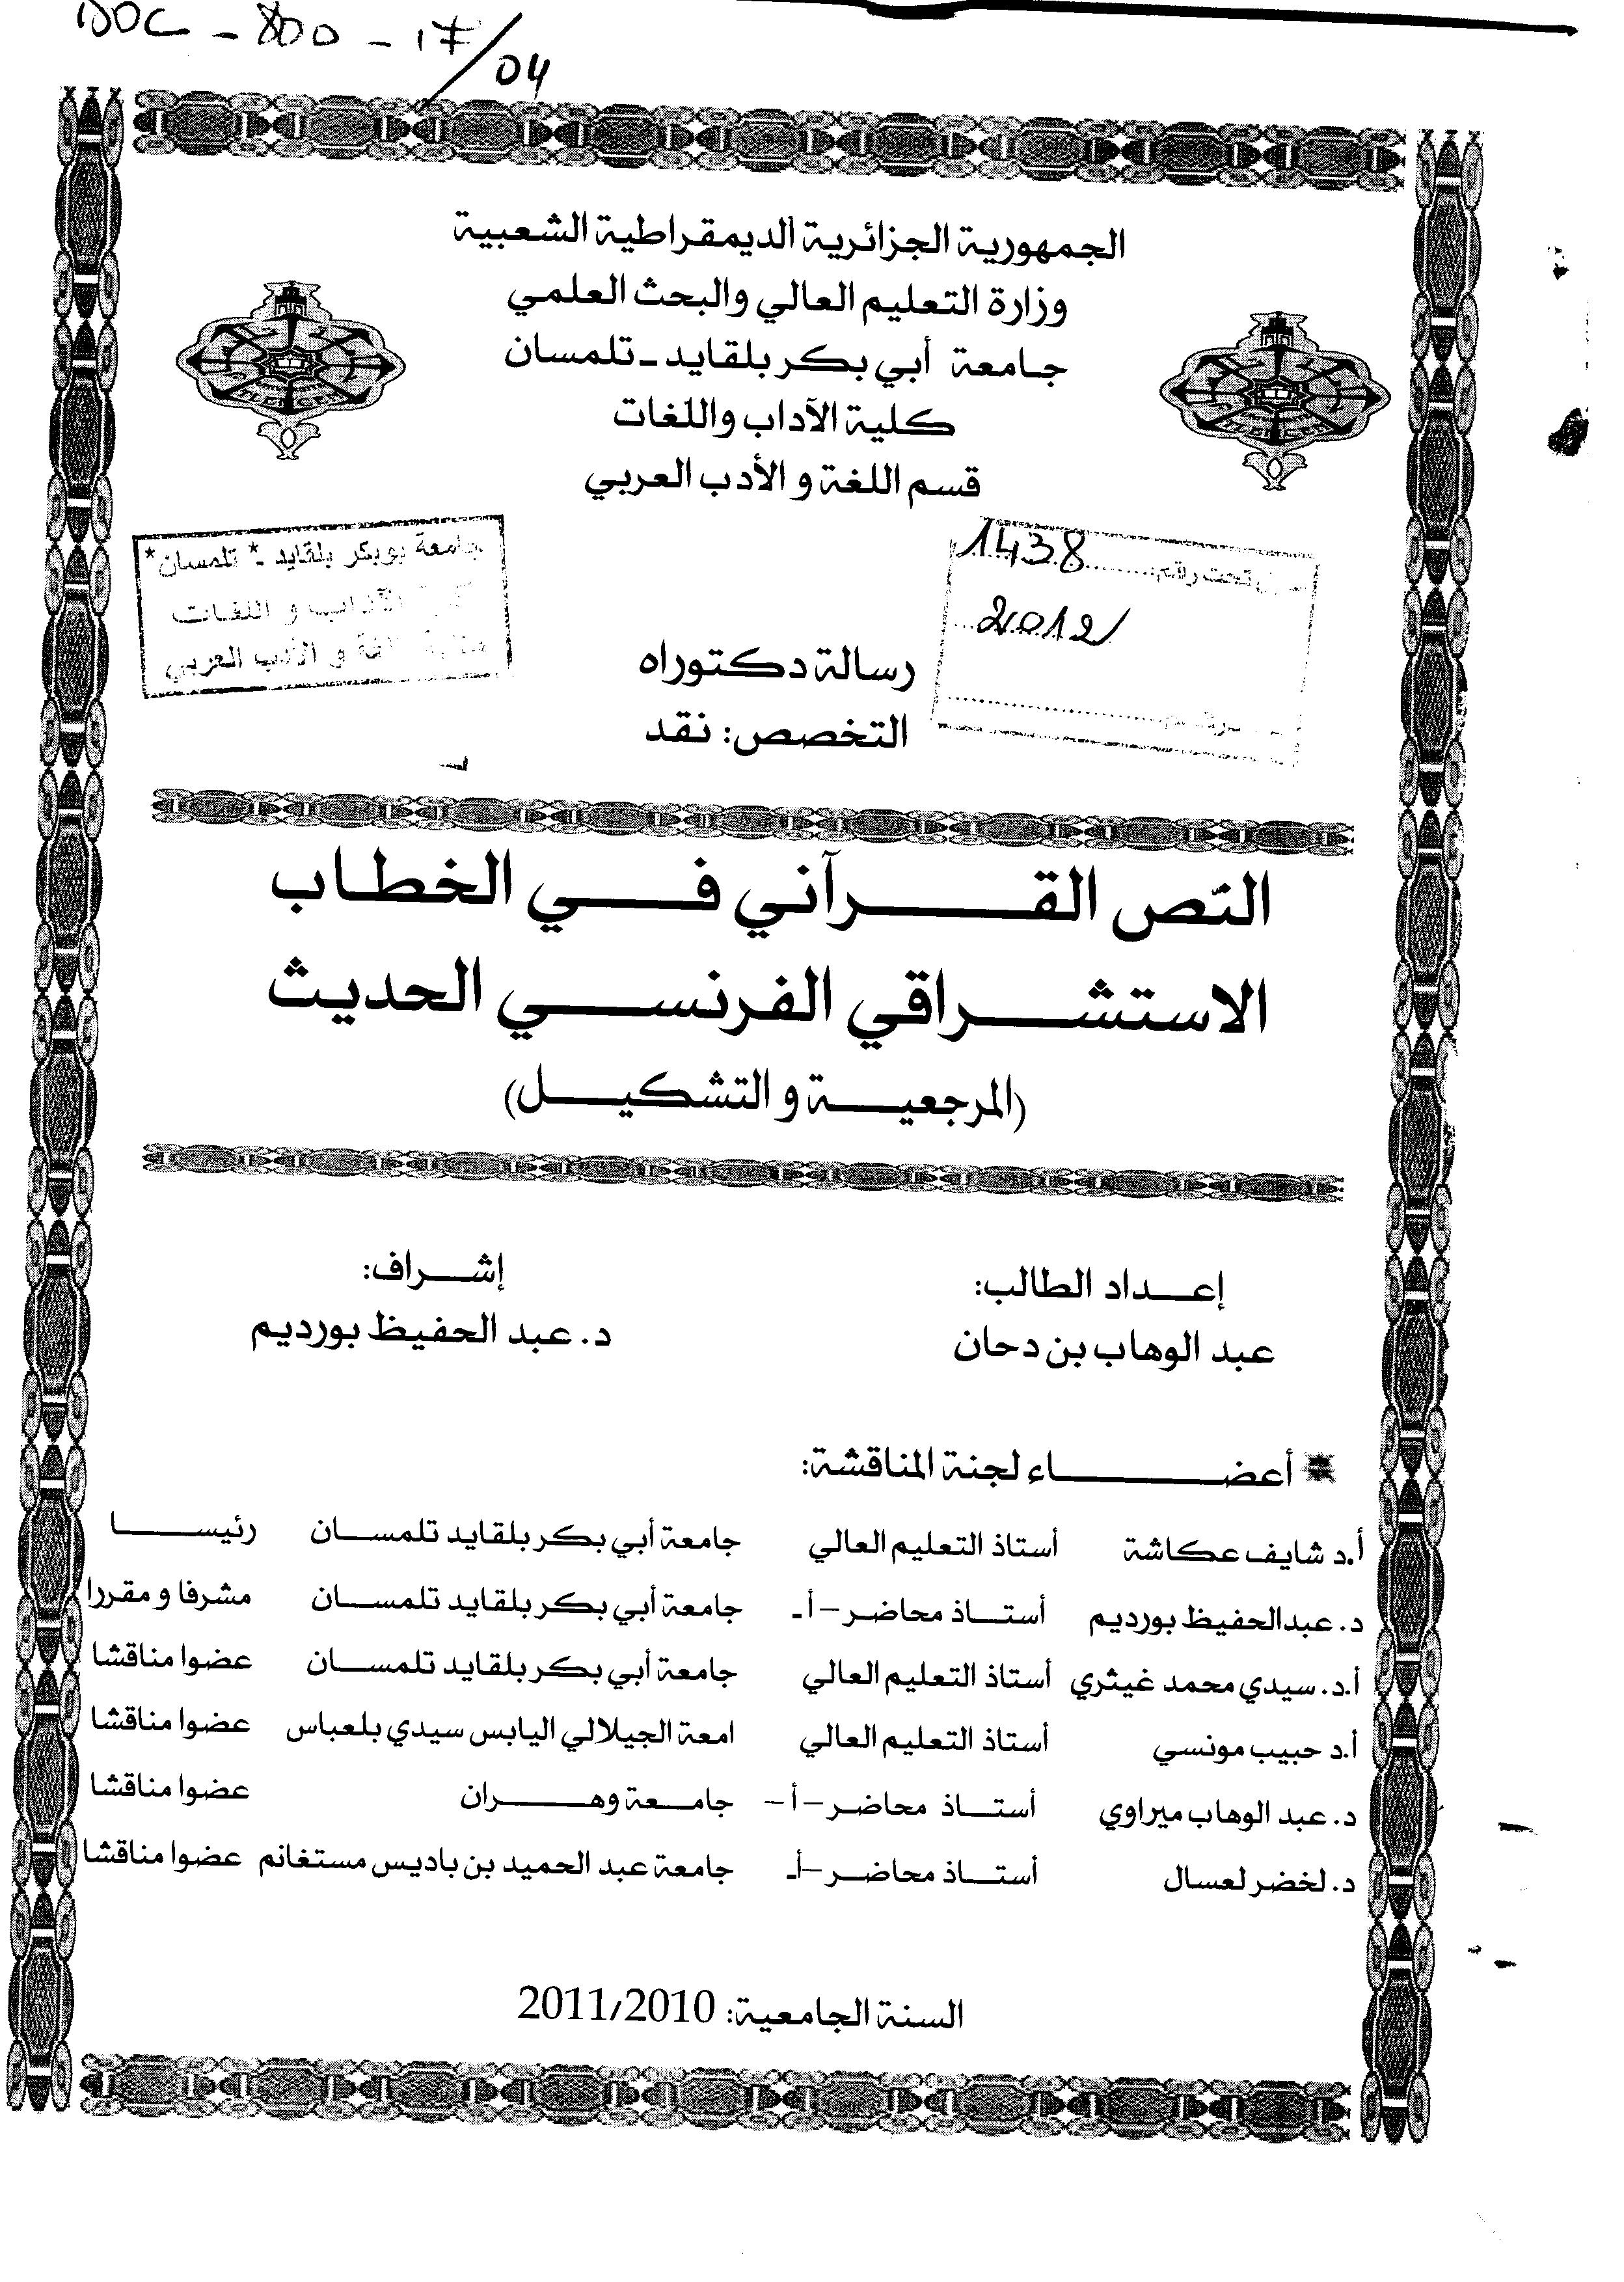 تحميل كتاب النص القرآني في الخطاب الاستشراقي الفرنسي الحديث (المرجعية والتشكيل) لـِ: الدكتور عبد الوهاب بن دحان